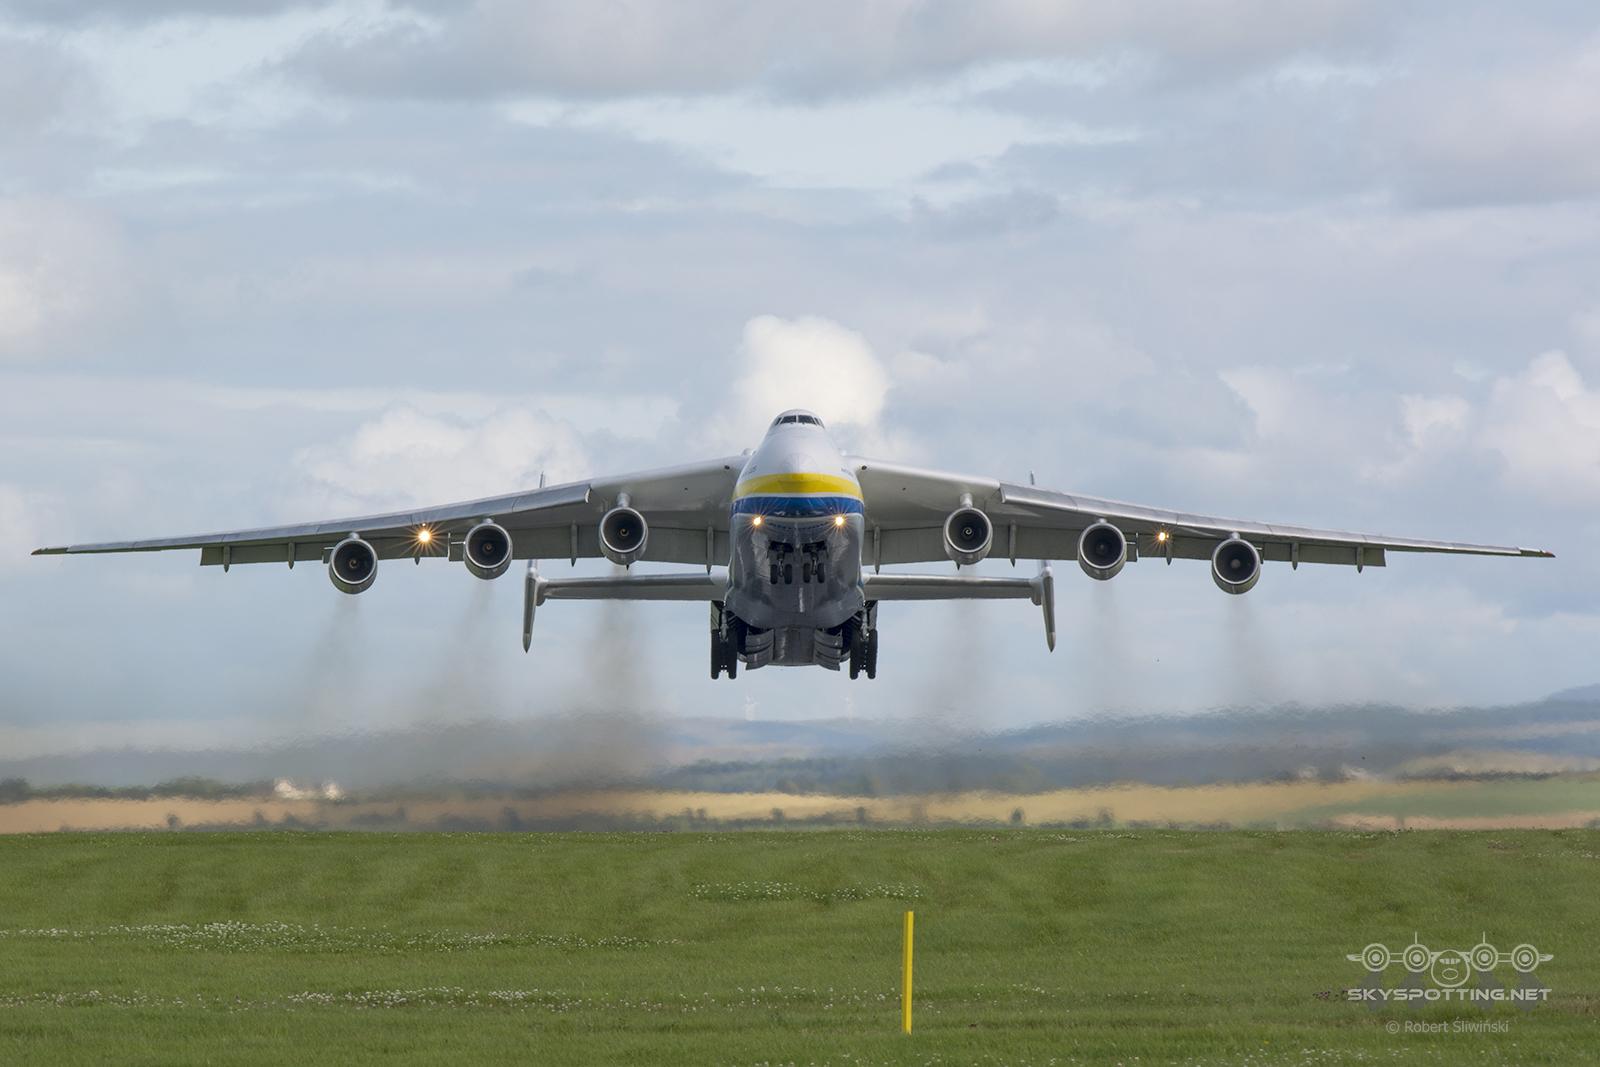 Wizyta Antonova An-225 Mrija na lotnisku Glasgow Prestwick